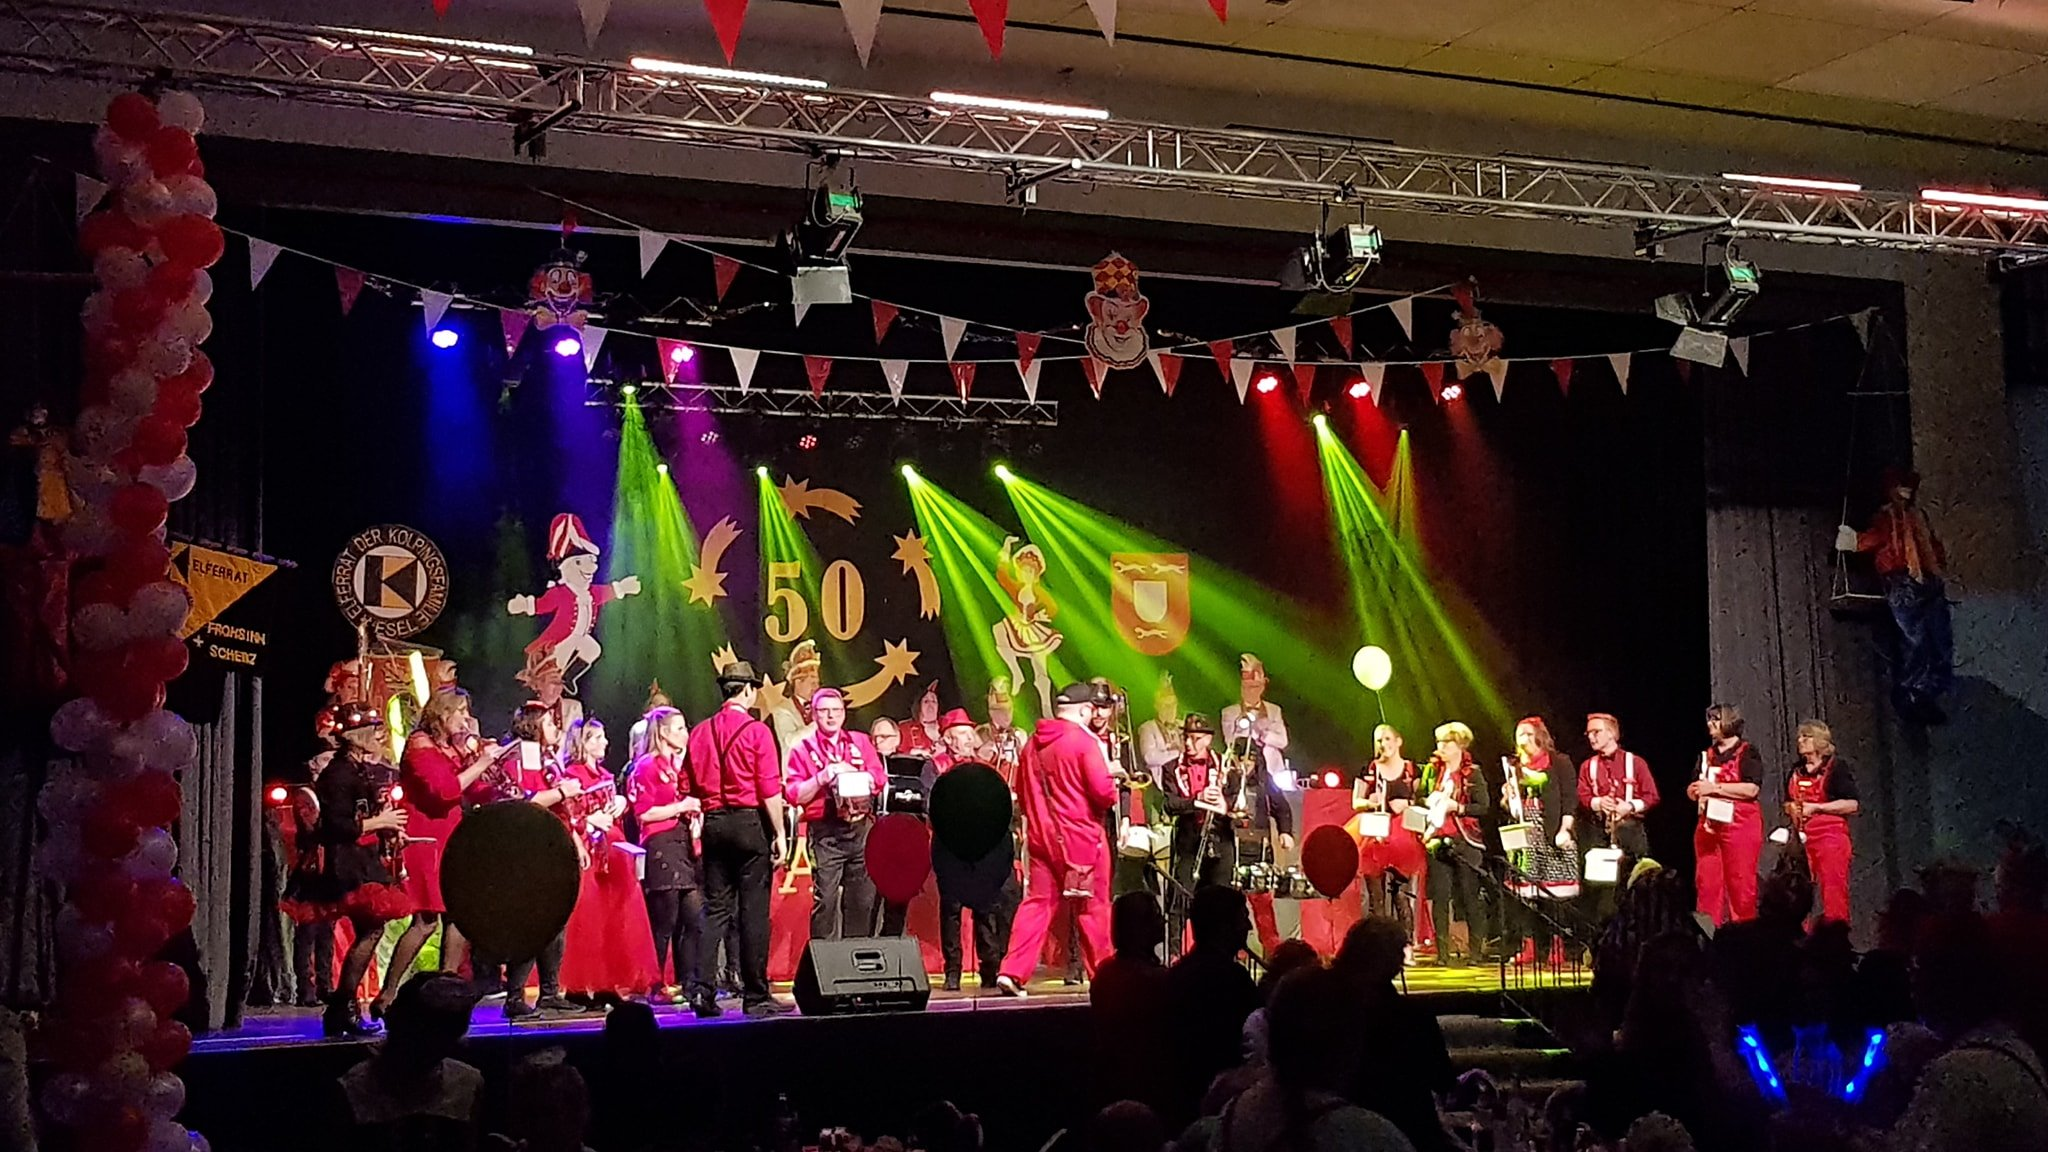 Karnevals-Prunksitzung der Kolpingfamilie in Wesel 2020